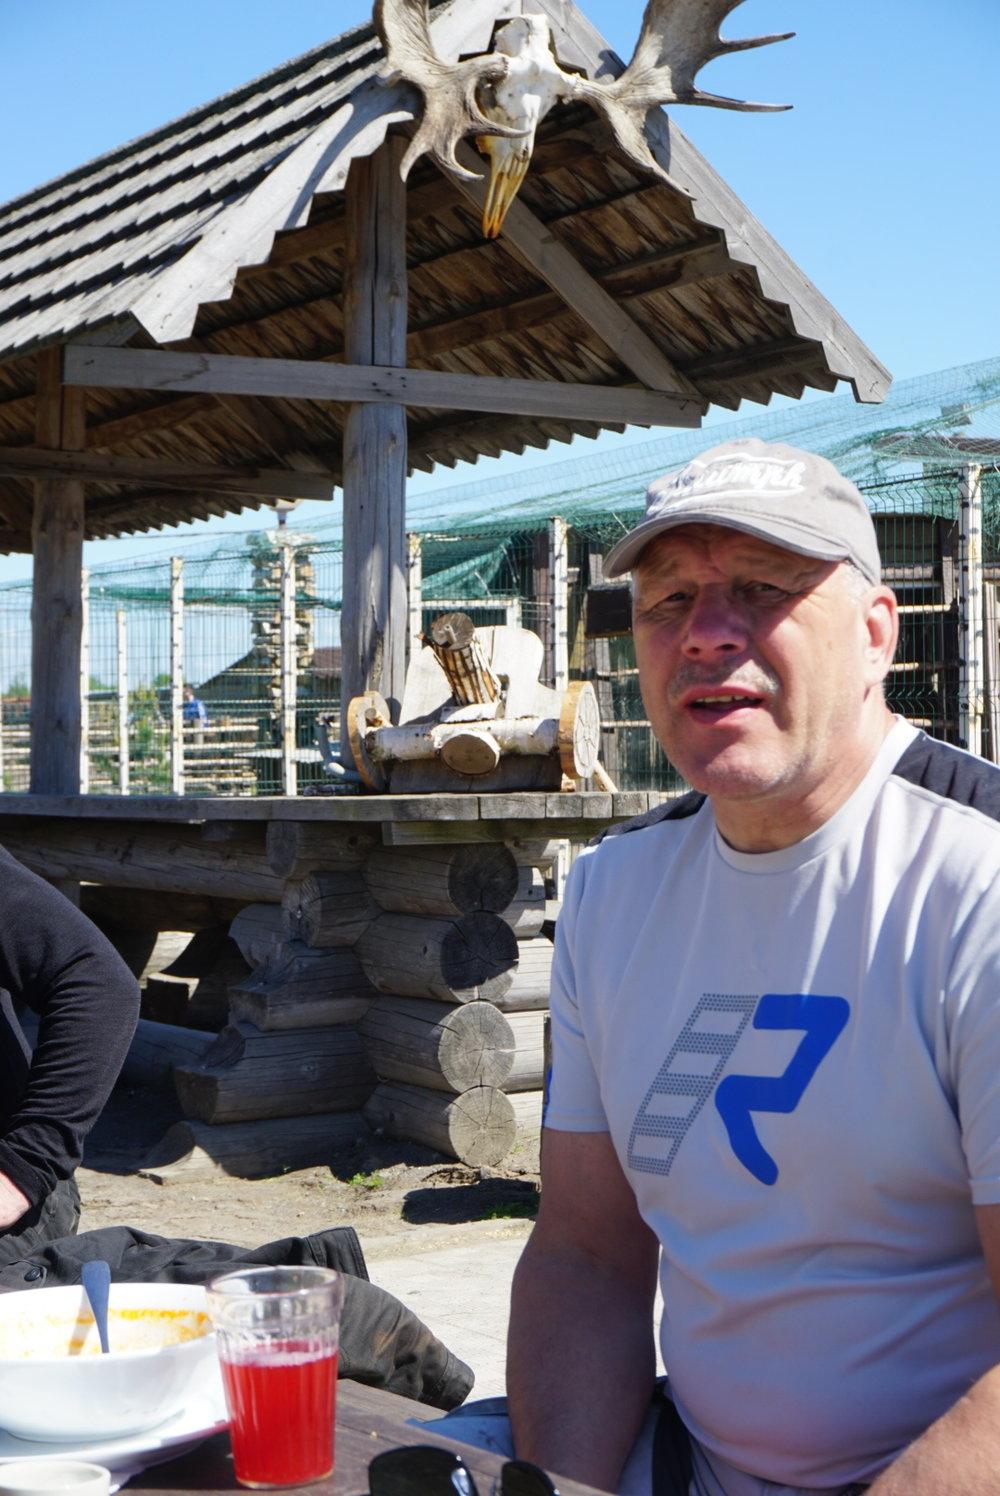 Matkanjohtaja Jyrki kiittää kaikkia matkalaisia hyvästä yhteistyöstä ja yhteen hiileen puhaltamisesta. Kiitos!